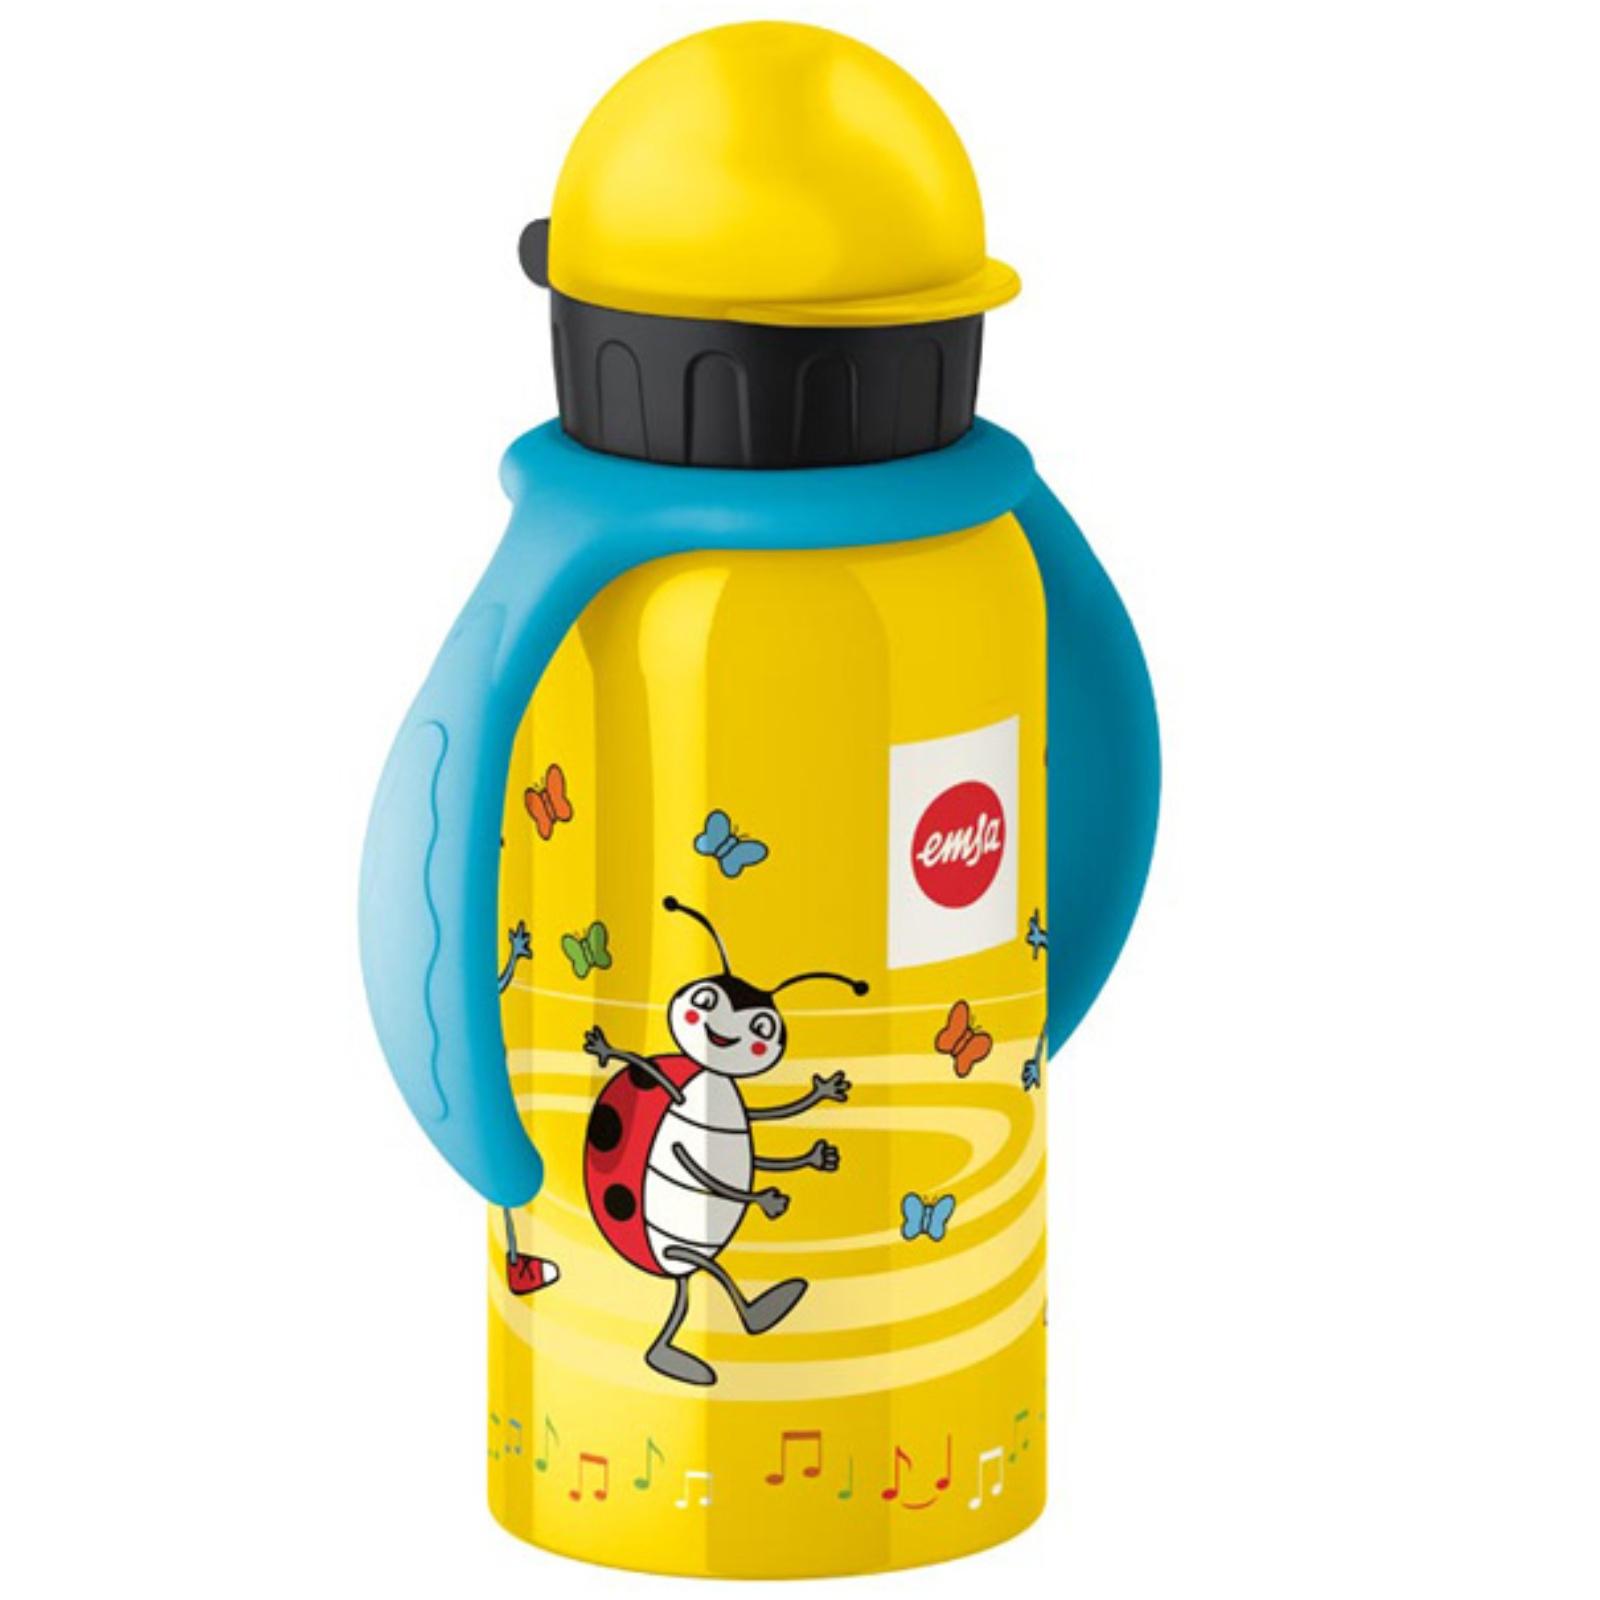 Dětská láhev EMSA mravenec 0,4 l